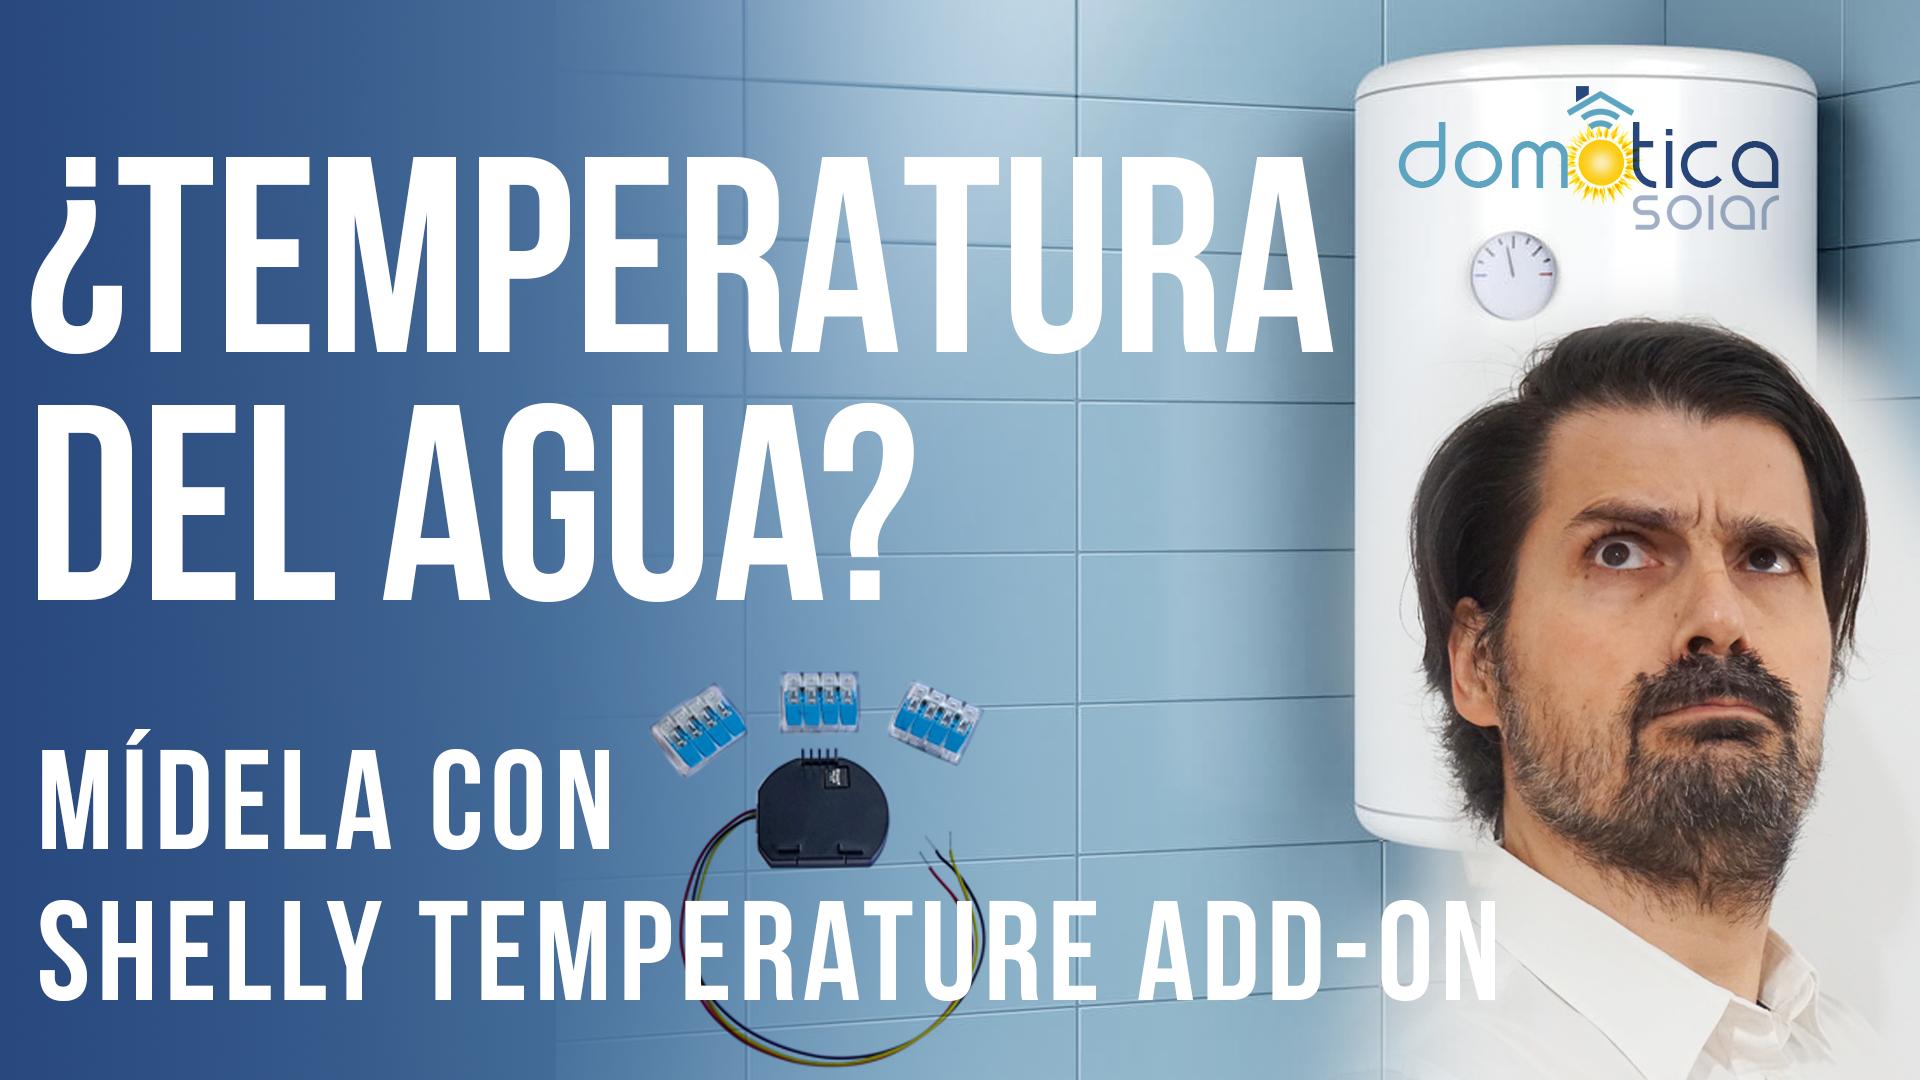 Domótica Solar - ¿Temperatura del agua? Mídela con Shelly